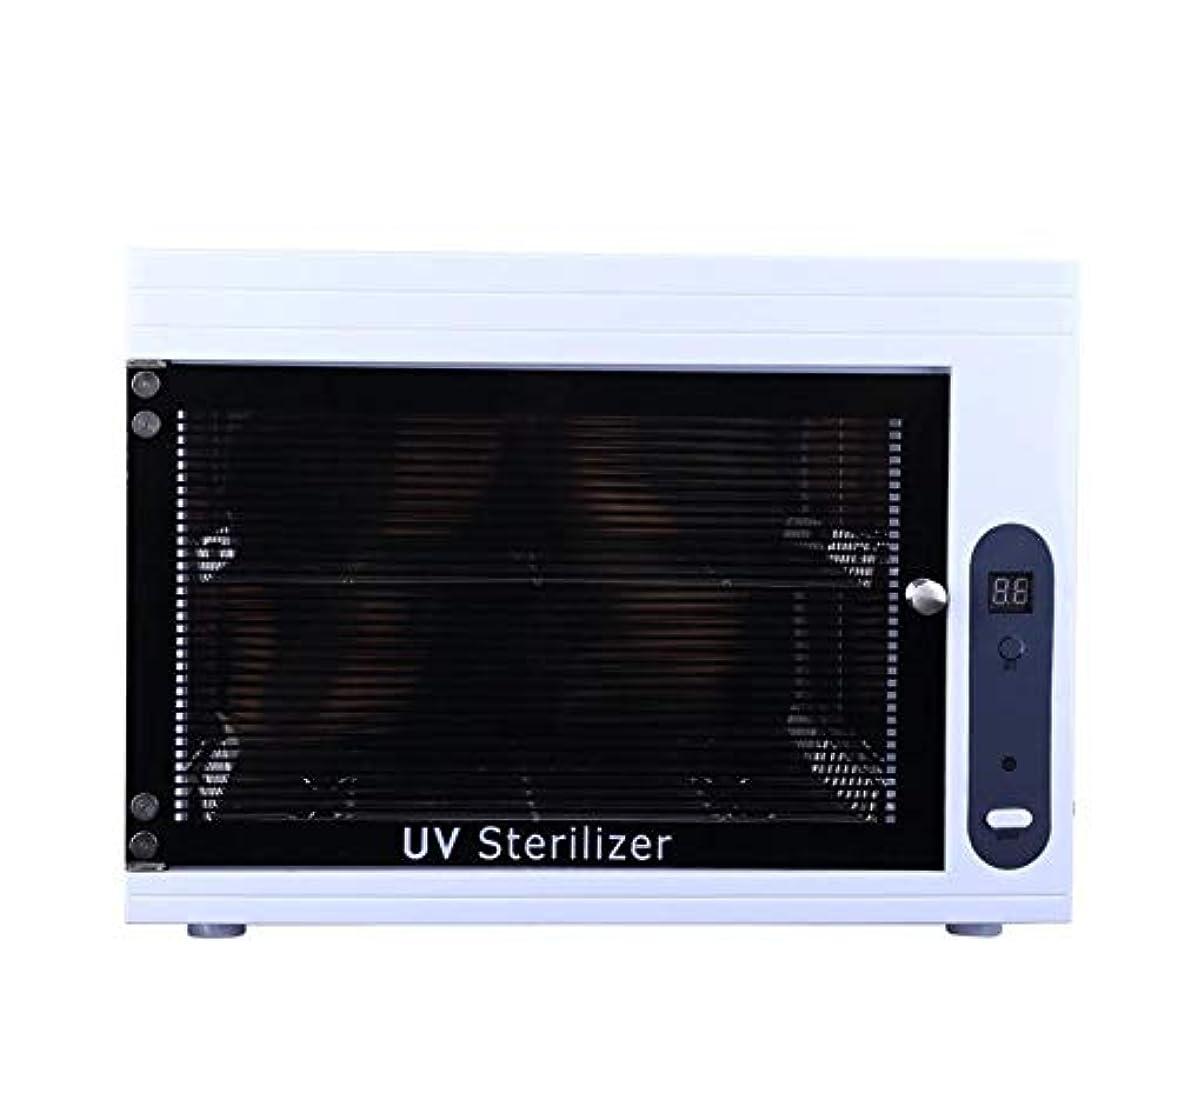 それに応じてこどもセンター危機ネイル滅菌装置UV消毒機消毒キャビネット滅菌ボックス美容サロンマニキュアネイルアートツール機